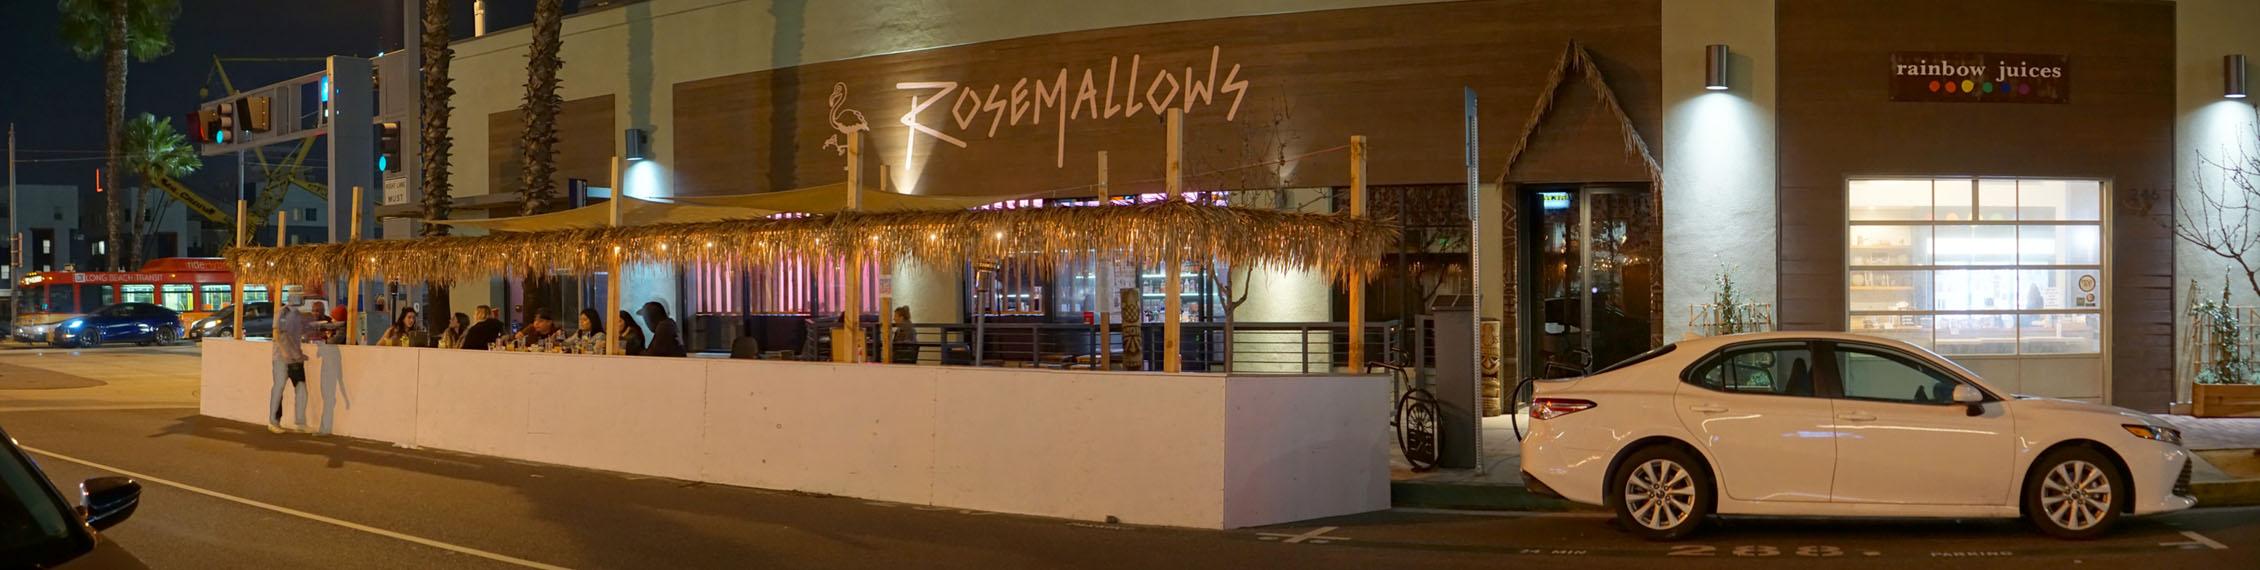 Rosemallows Exterior